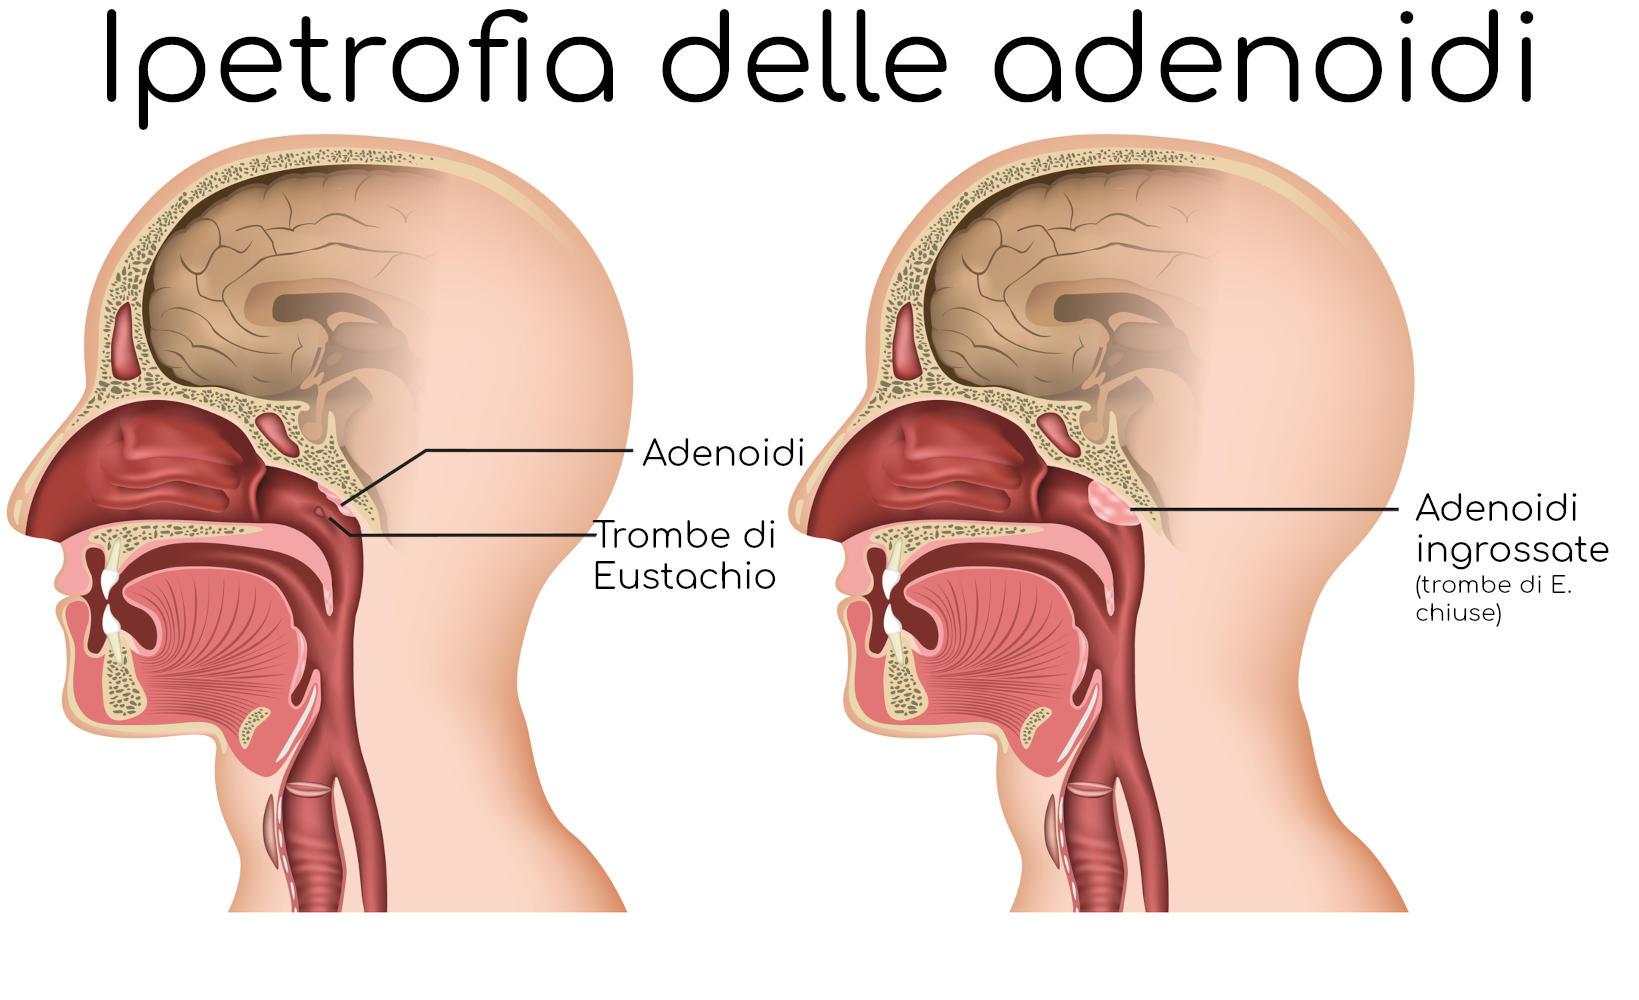 Anatomia semplificata dell'ipertrofia delle adenoidi